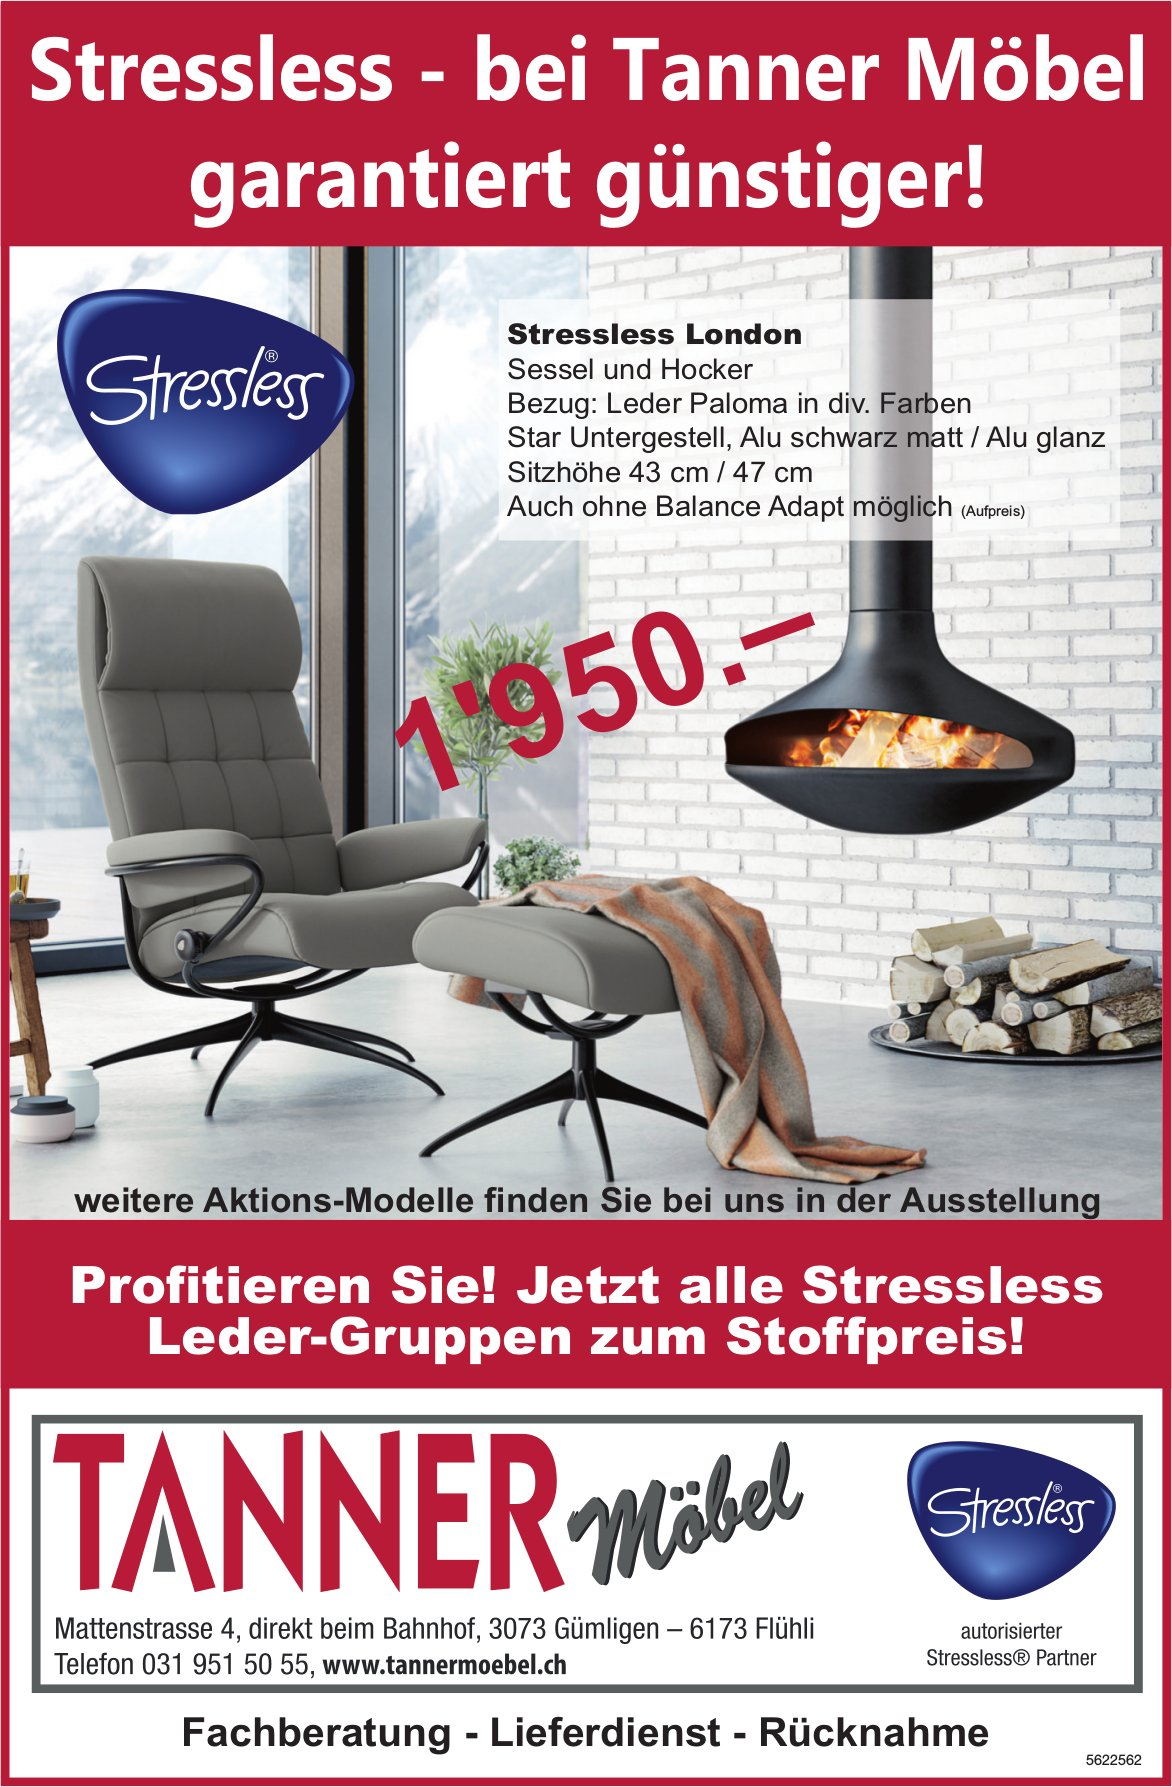 TANNER MÖBEL - Stressless - bei Tanner Möbel garantiert günstiger!